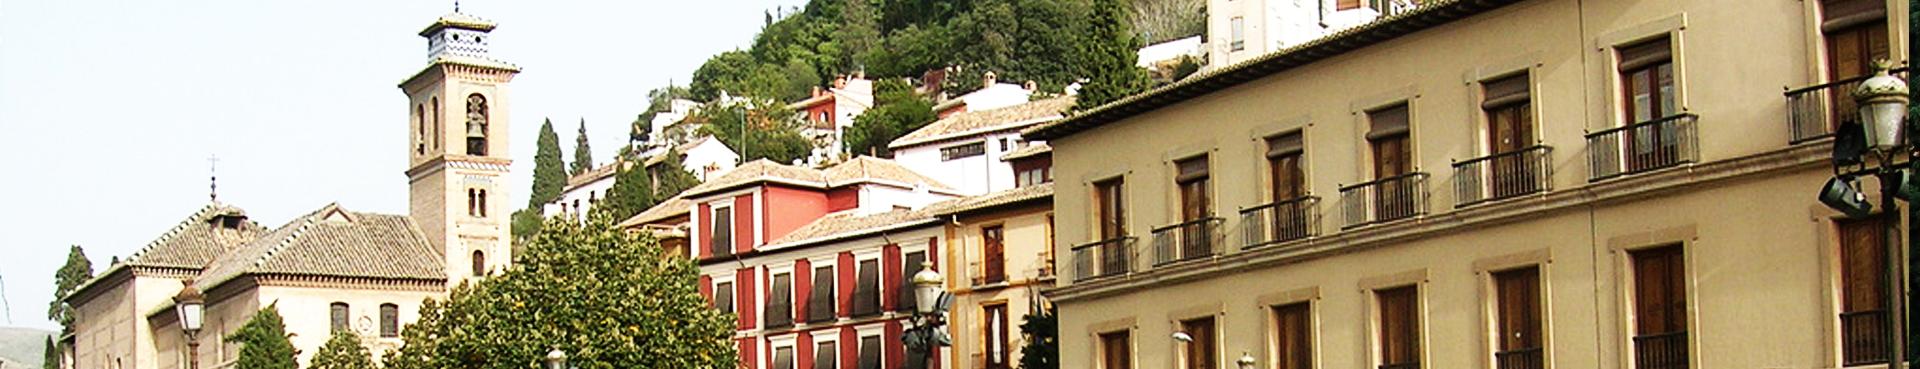 Pilar del Toro en la Plaza Santa Ana, Granada